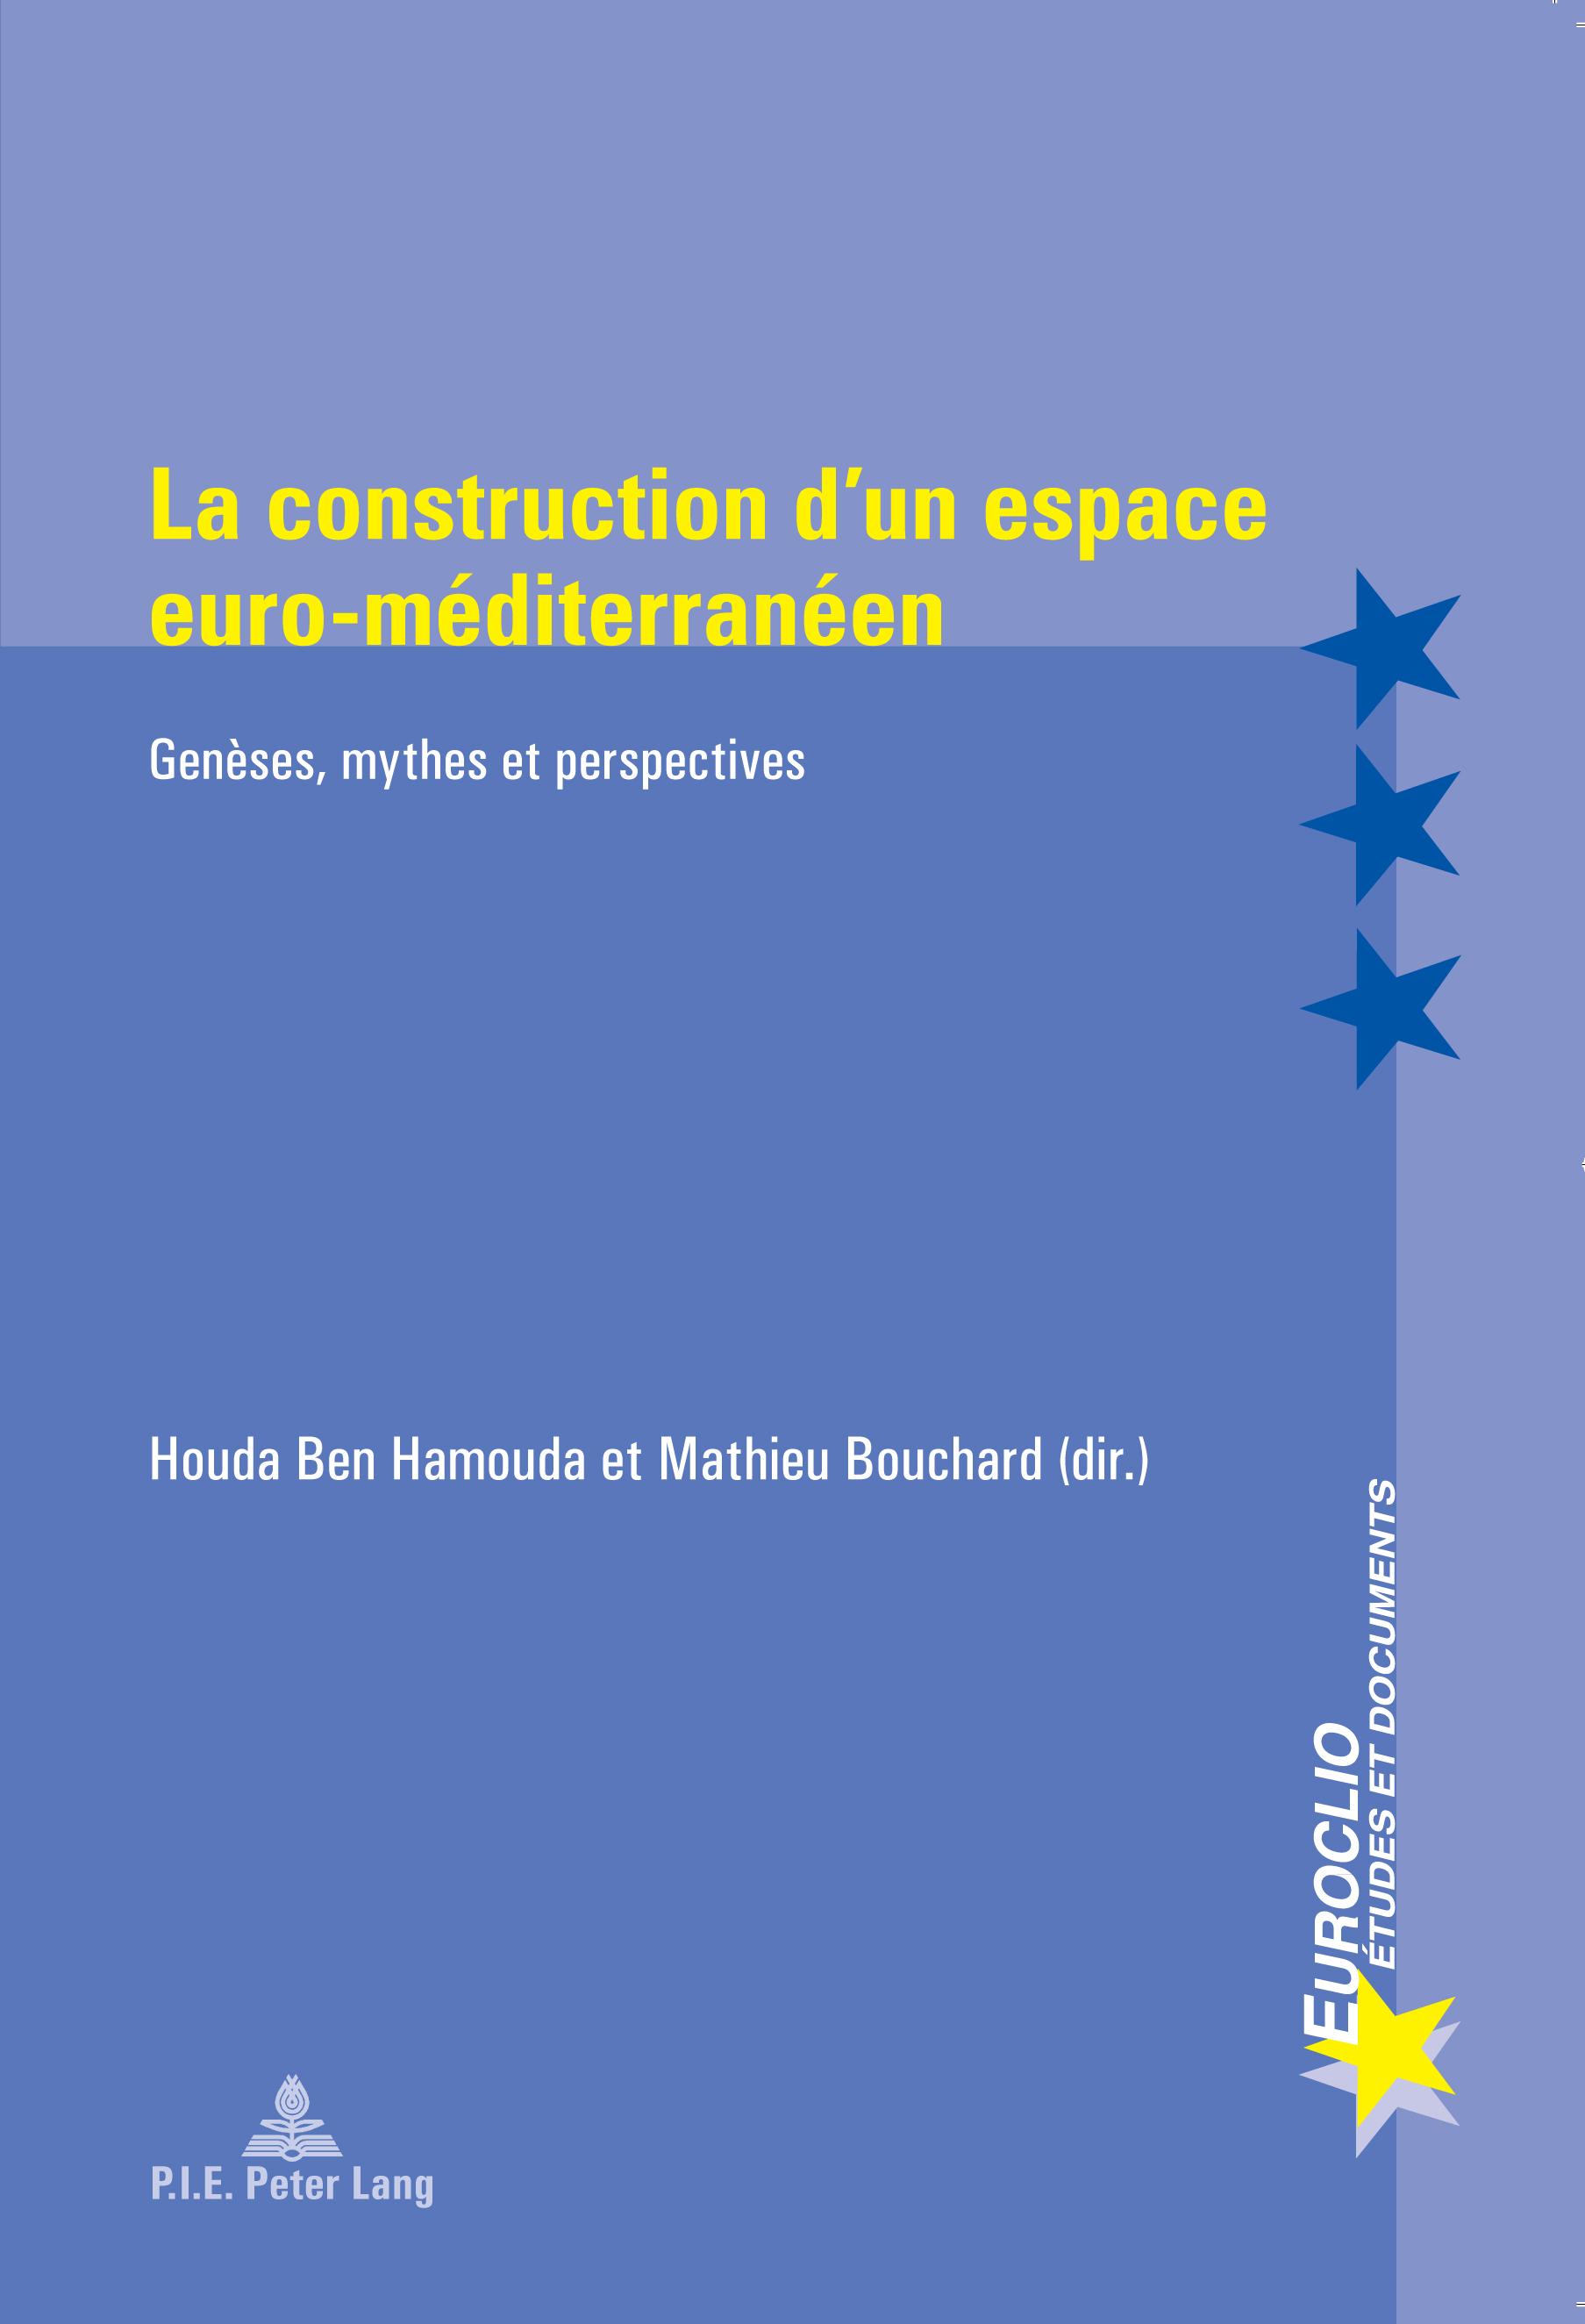 LA CONSTRUCTION D'UN ESPACE EURO-MEDITERRANEEN